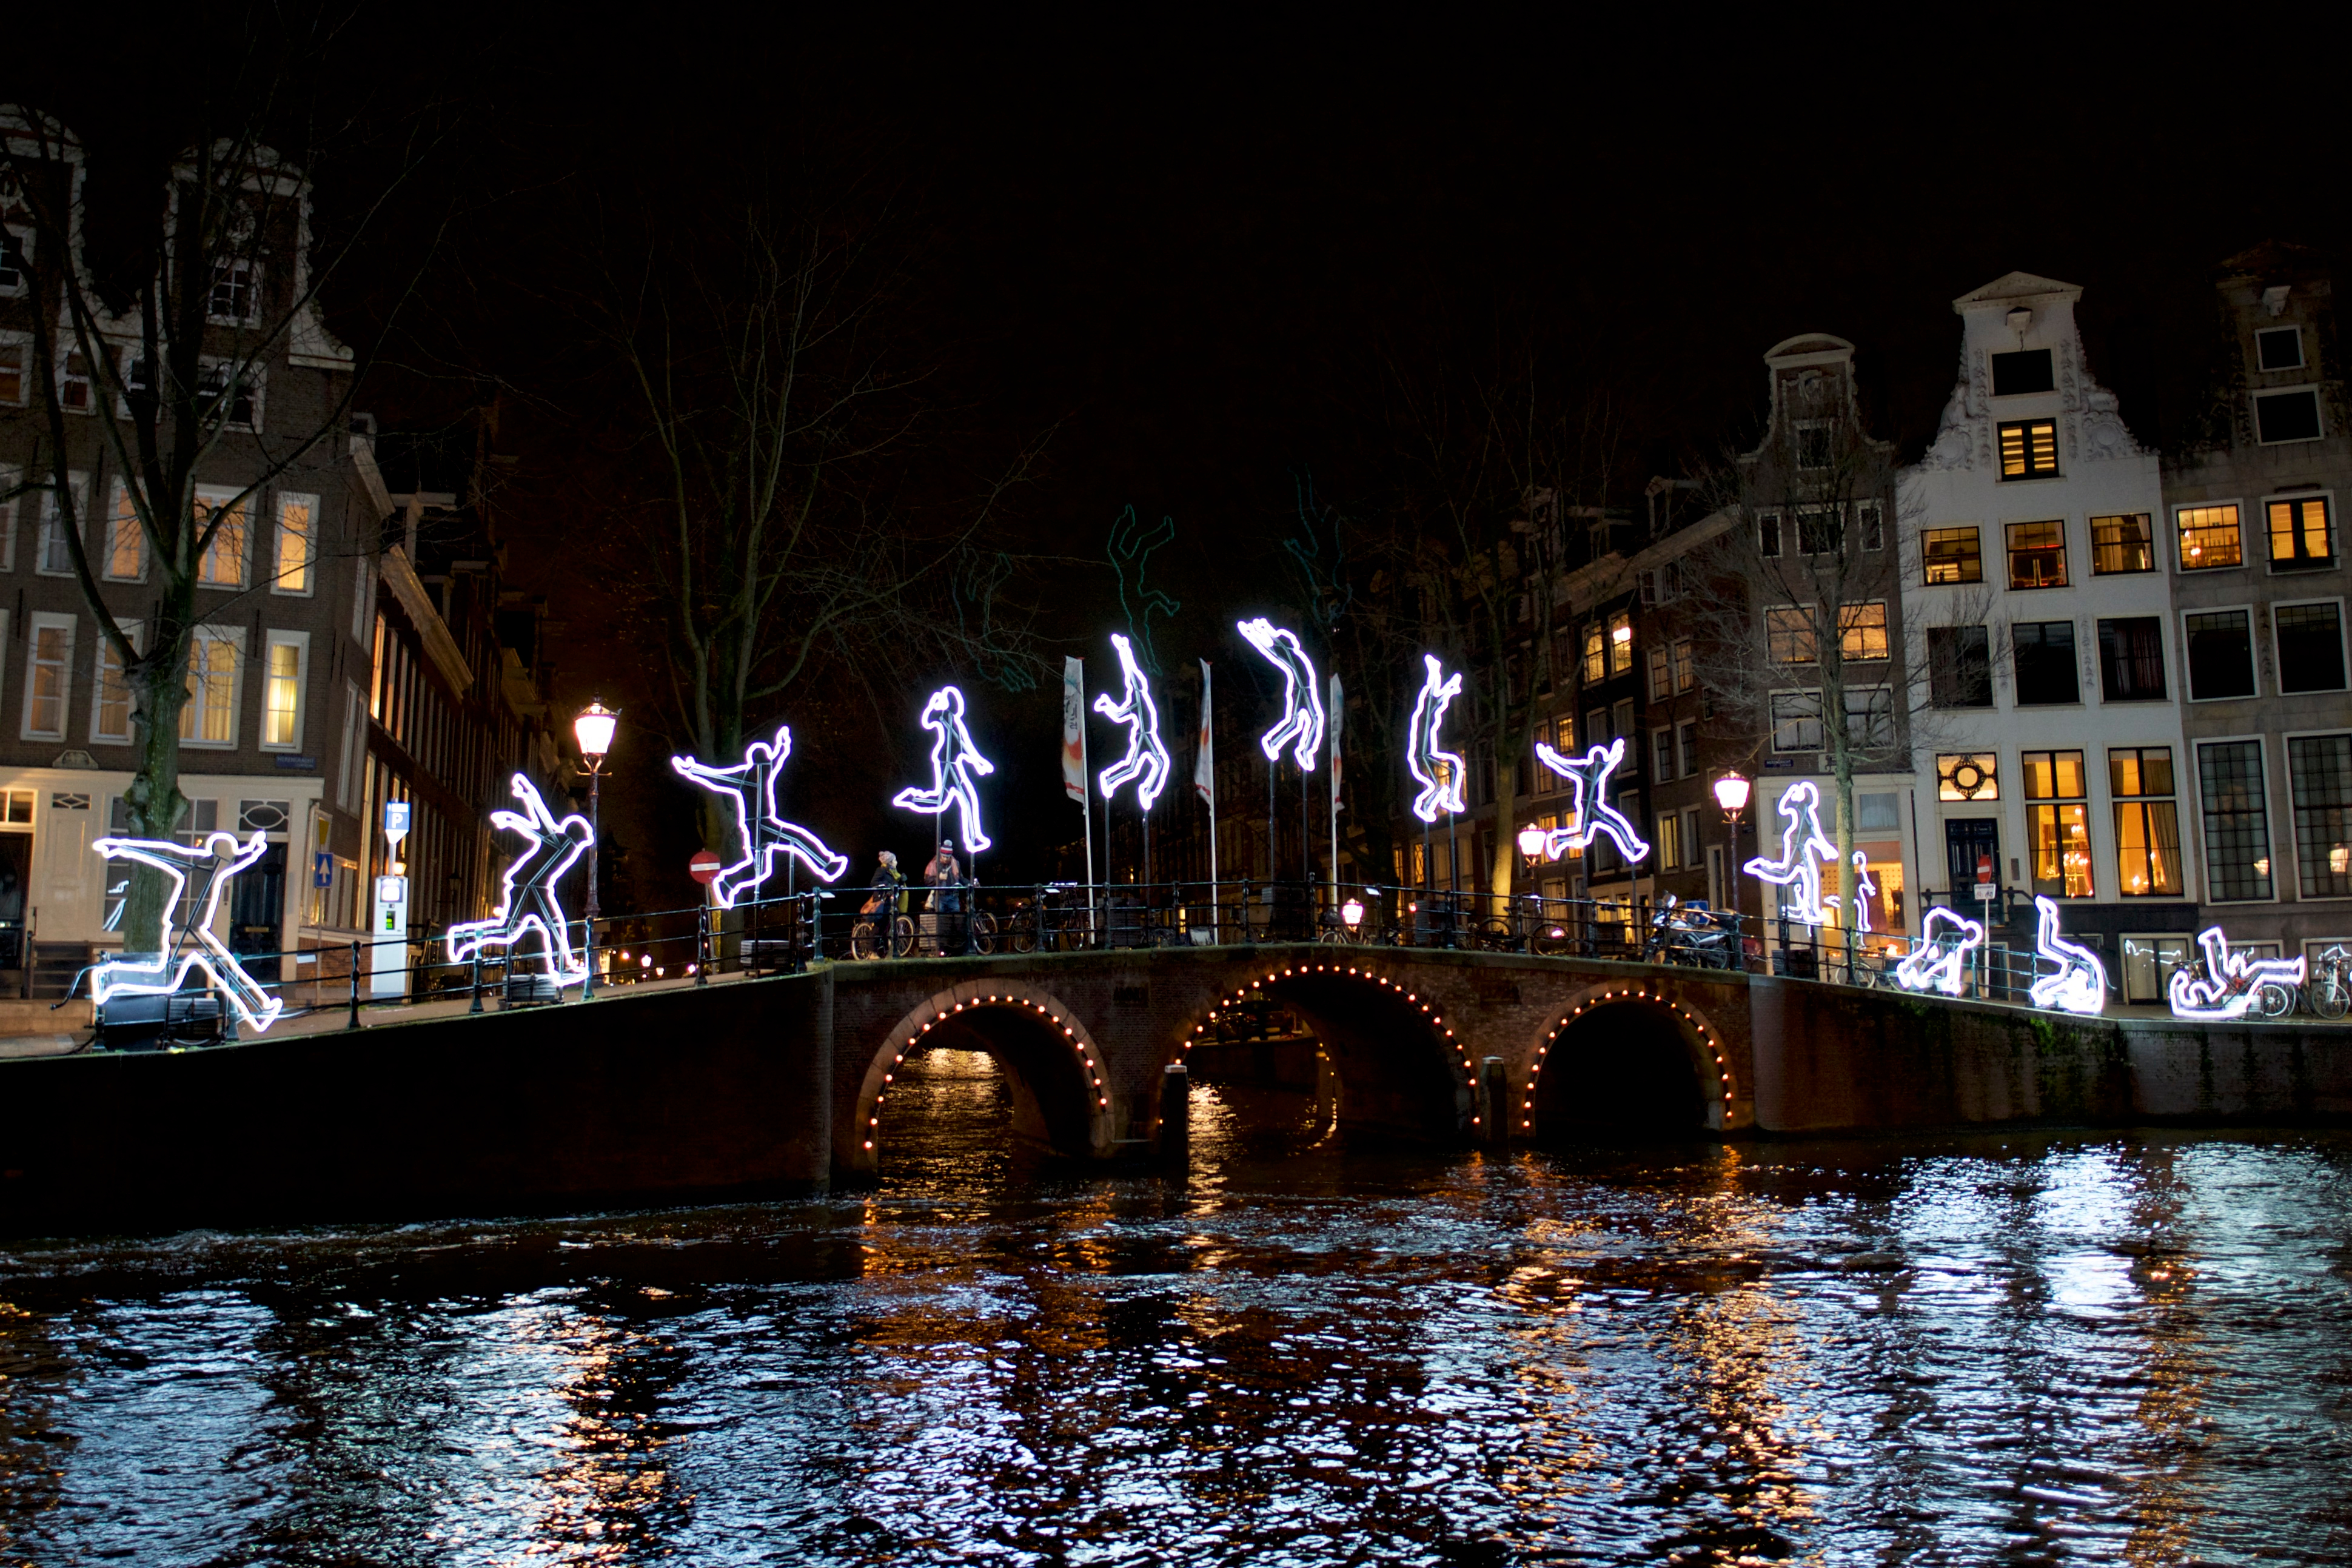 Pasea por la ciudad más iluminada del mundo - Inglaterra Circuito Londres, Bruselas y Ámsterdam